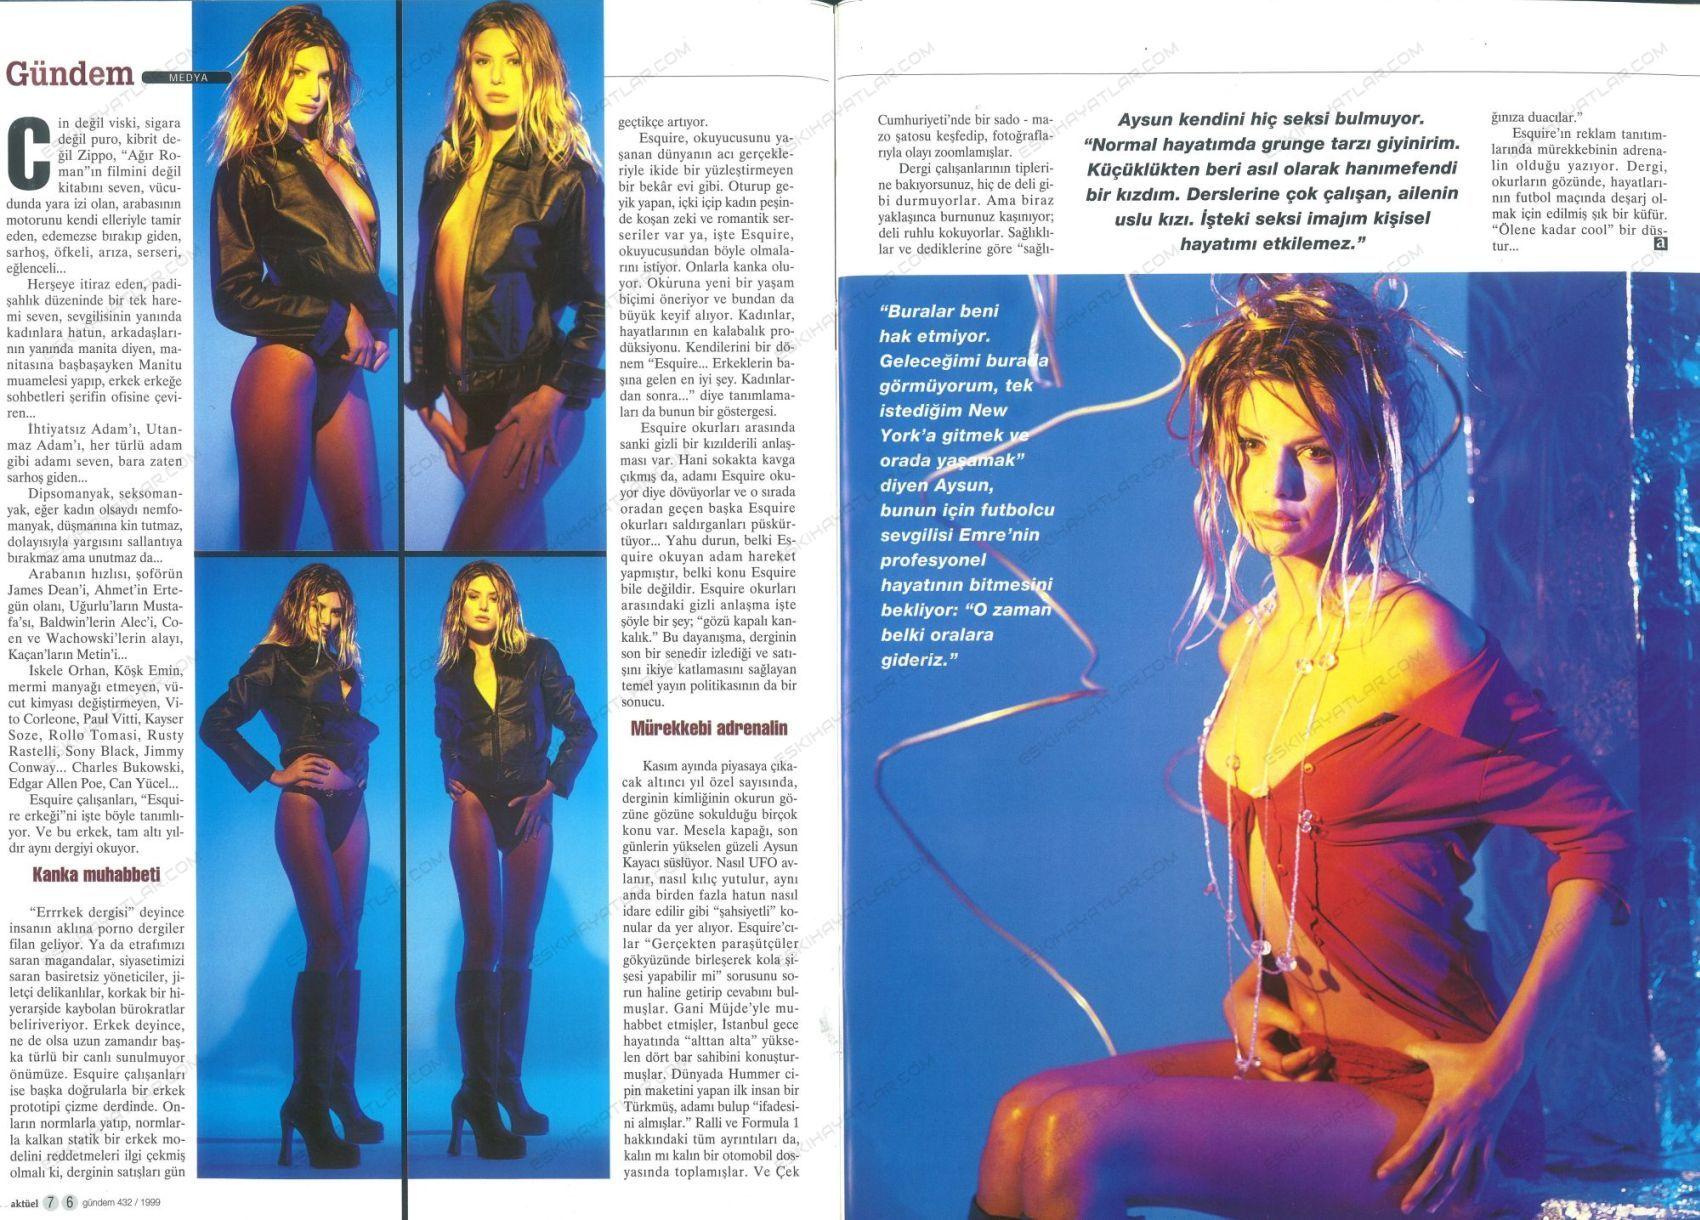 0359-aysun-kayaci-1999-aktuel-dergisi (2)